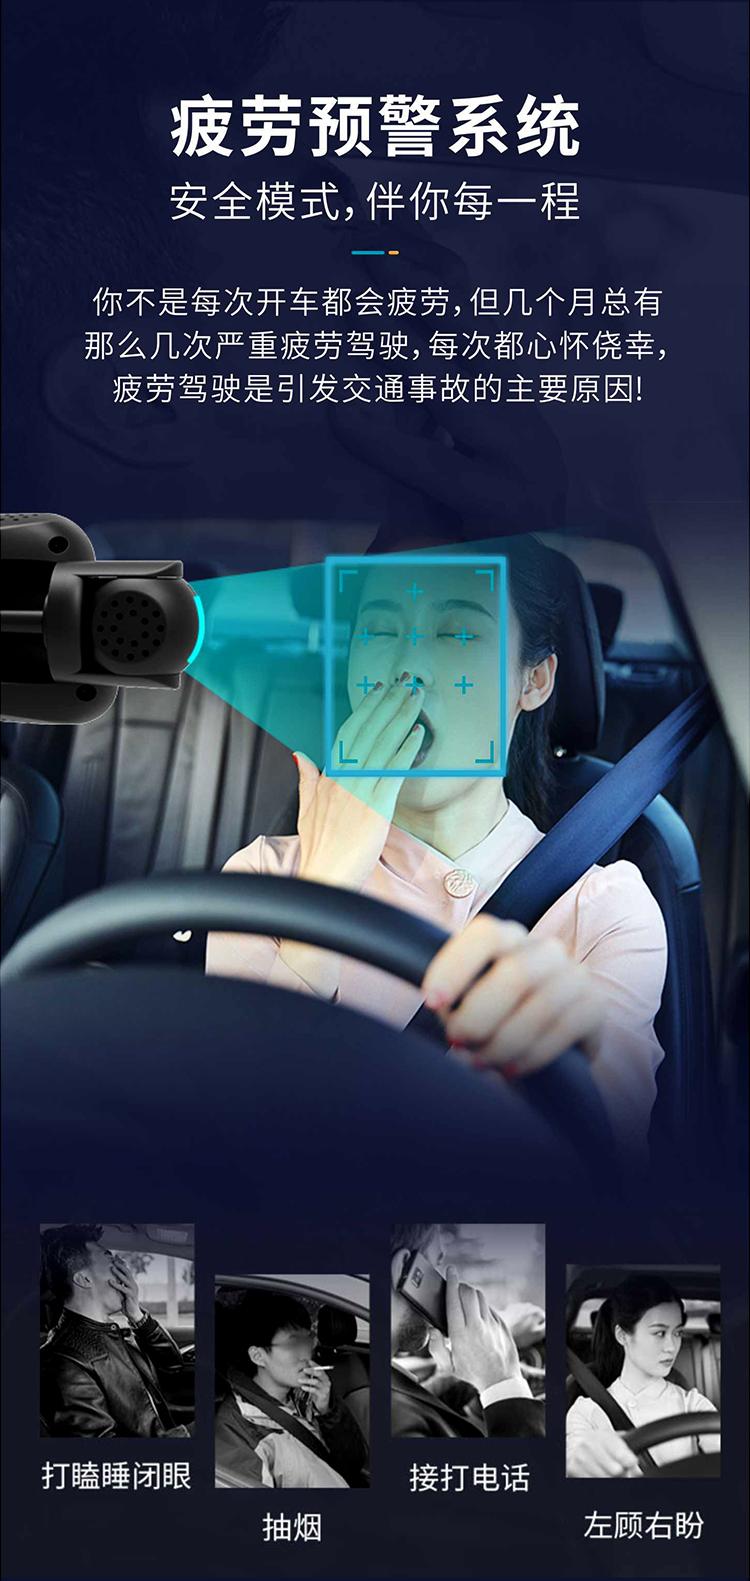 佛山DMS疲劳驾驶预警系统 深圳市尼欧科技供应